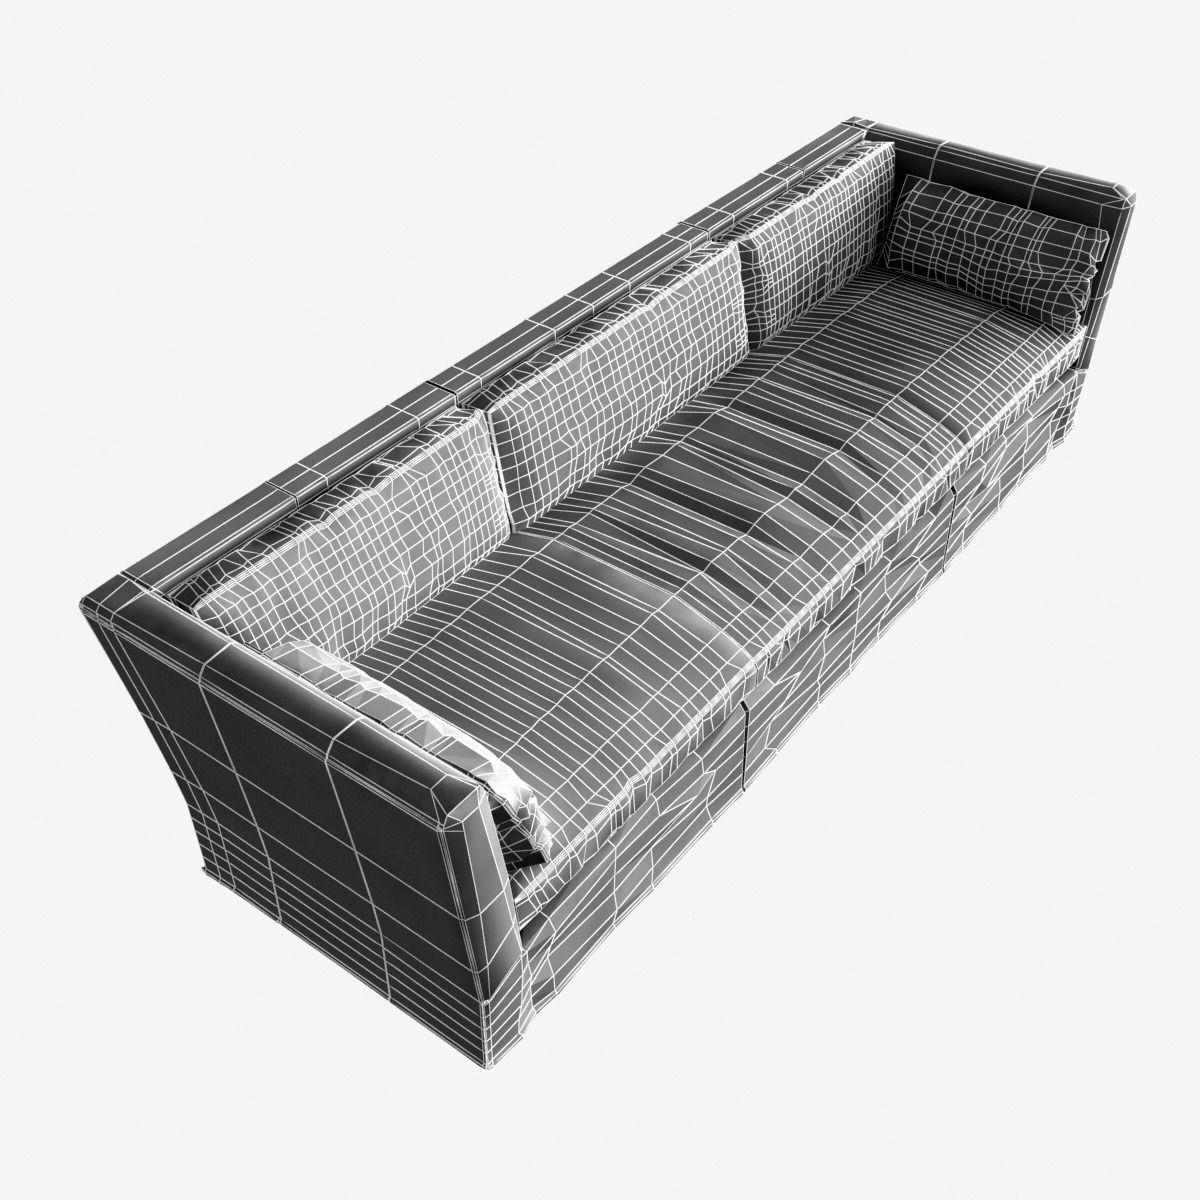 belgian shelter arm sofa cheap metal frame beds restoration hardware leather 3d